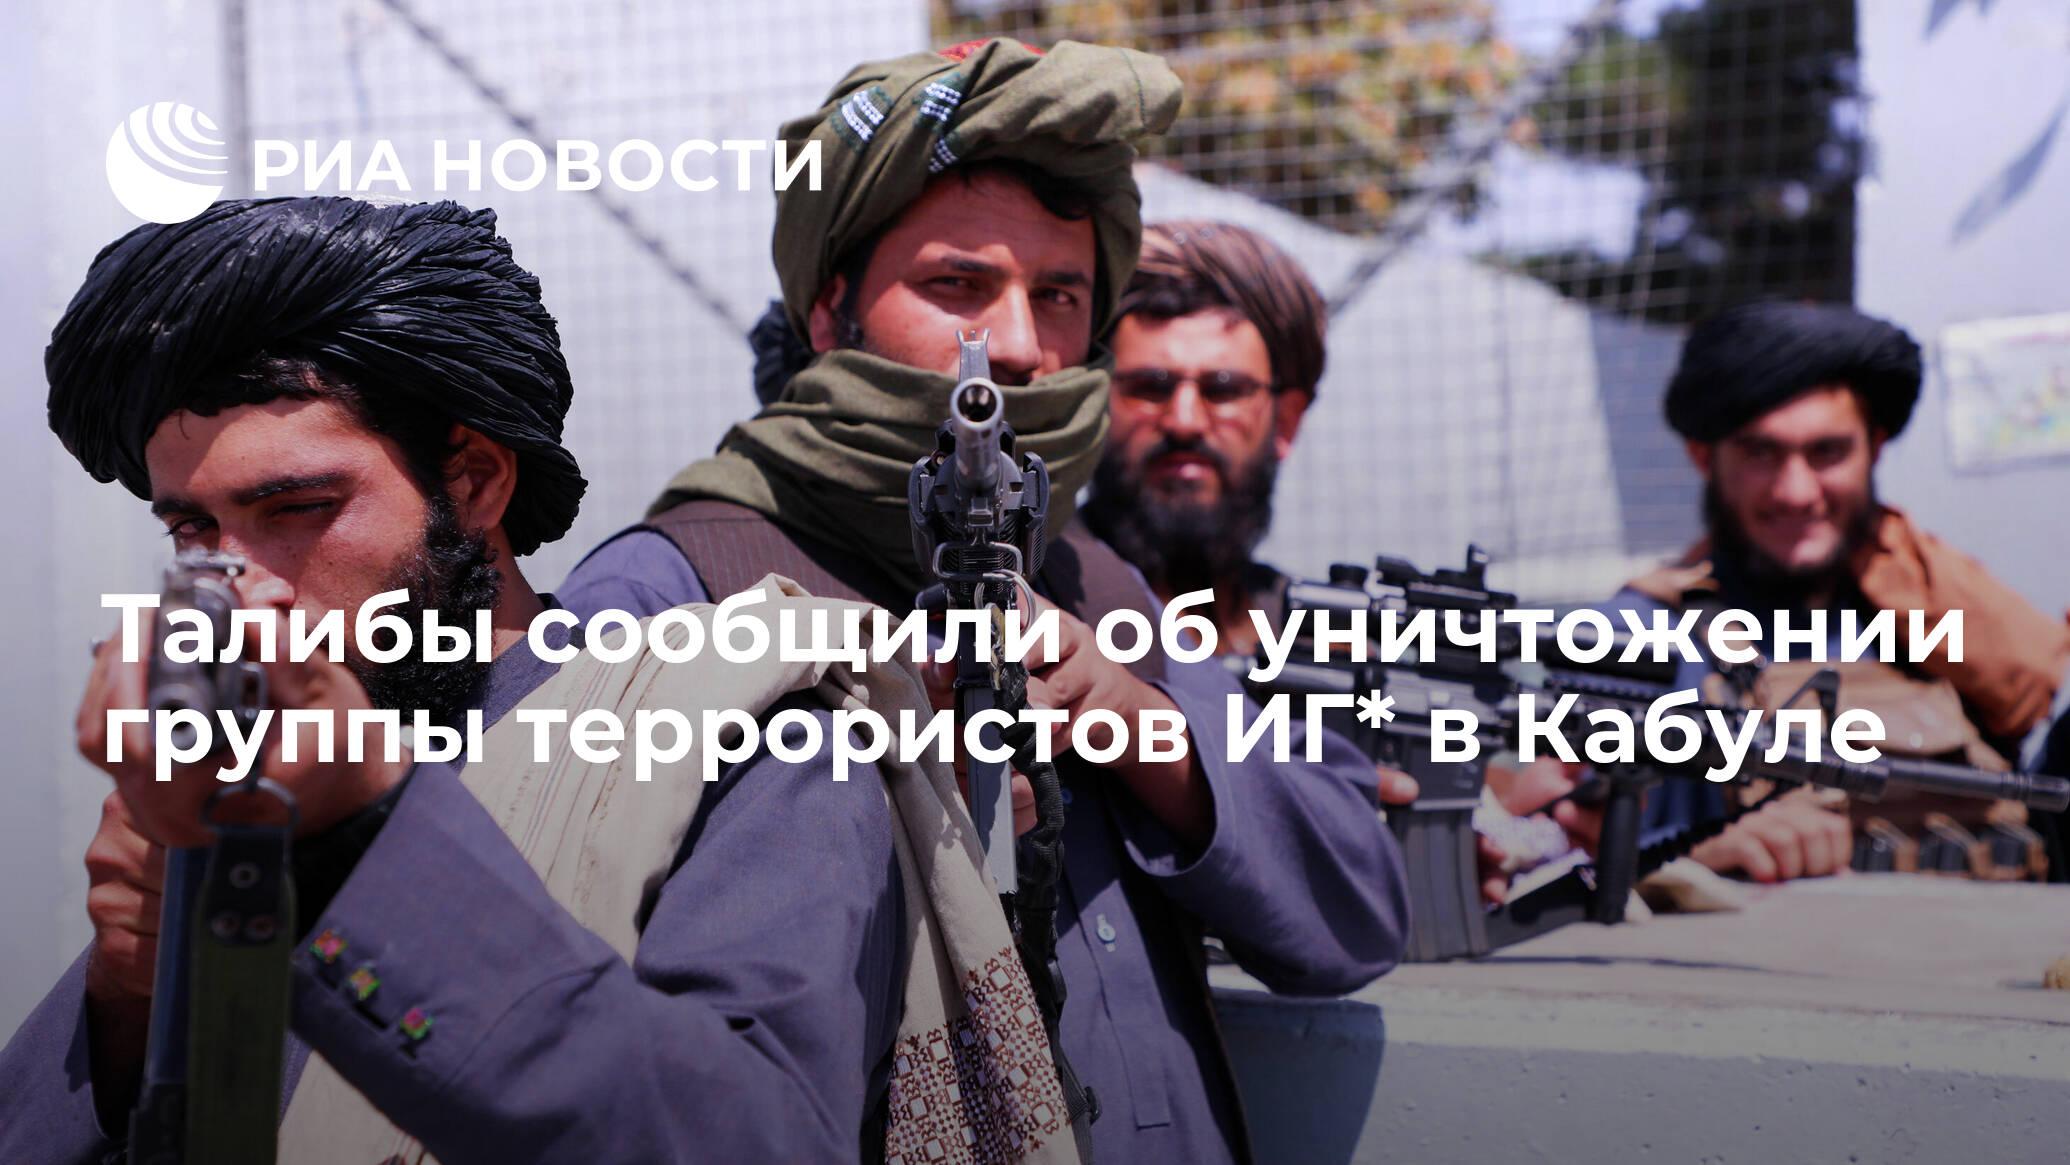 Талибы сообщили об уничтожении группы террористов ИГ* в Кабуле